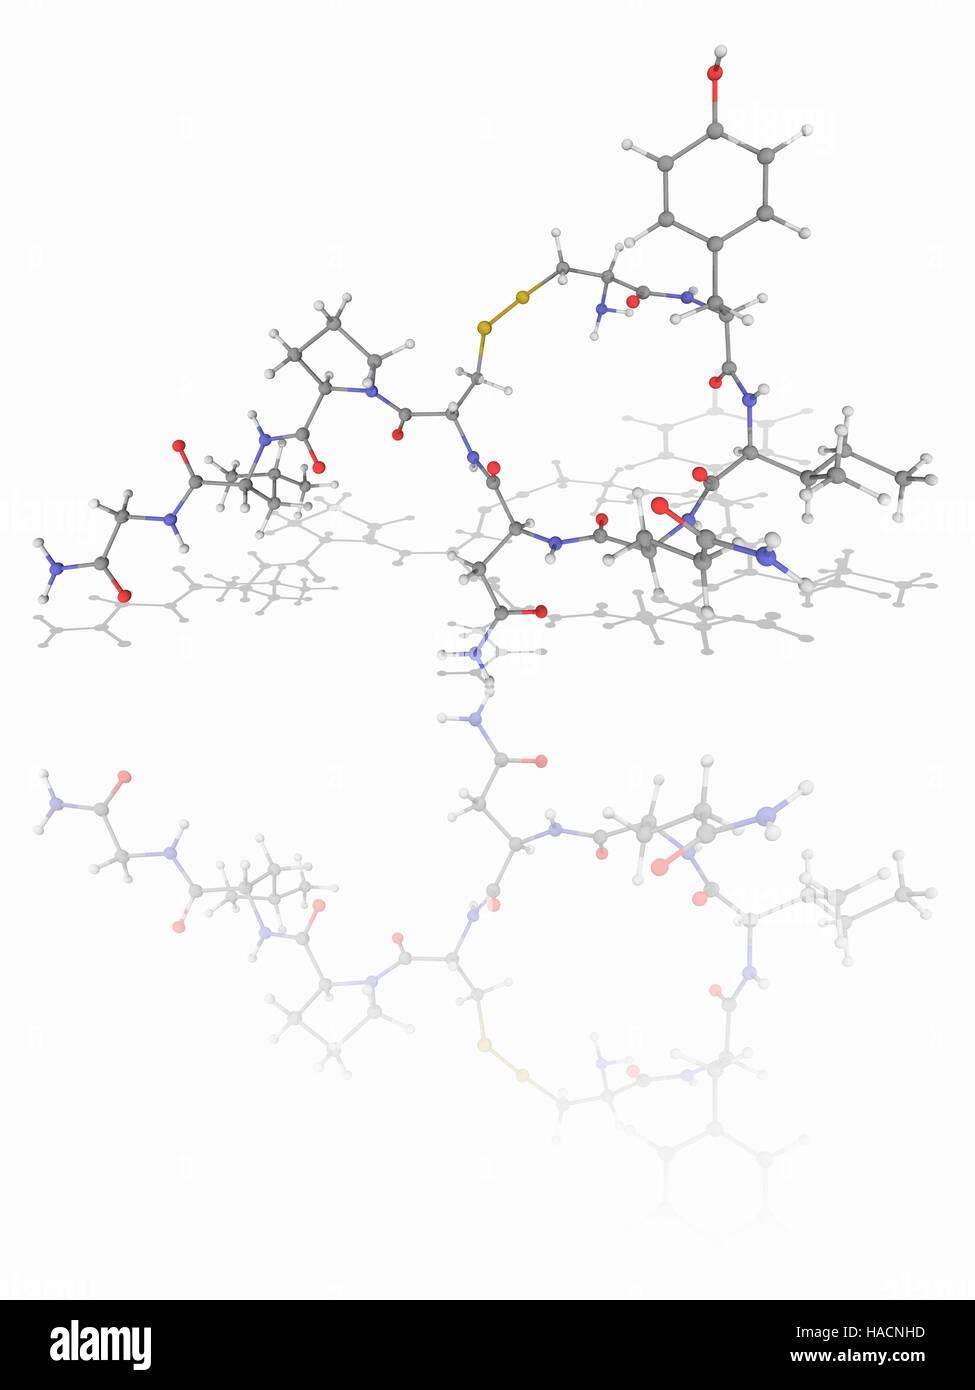 Oxytocin. Molecular model of the mammalian hormone oxytocin (C43.H66.N12.O12.S2), which acts as a neuromodulator - Stock Image